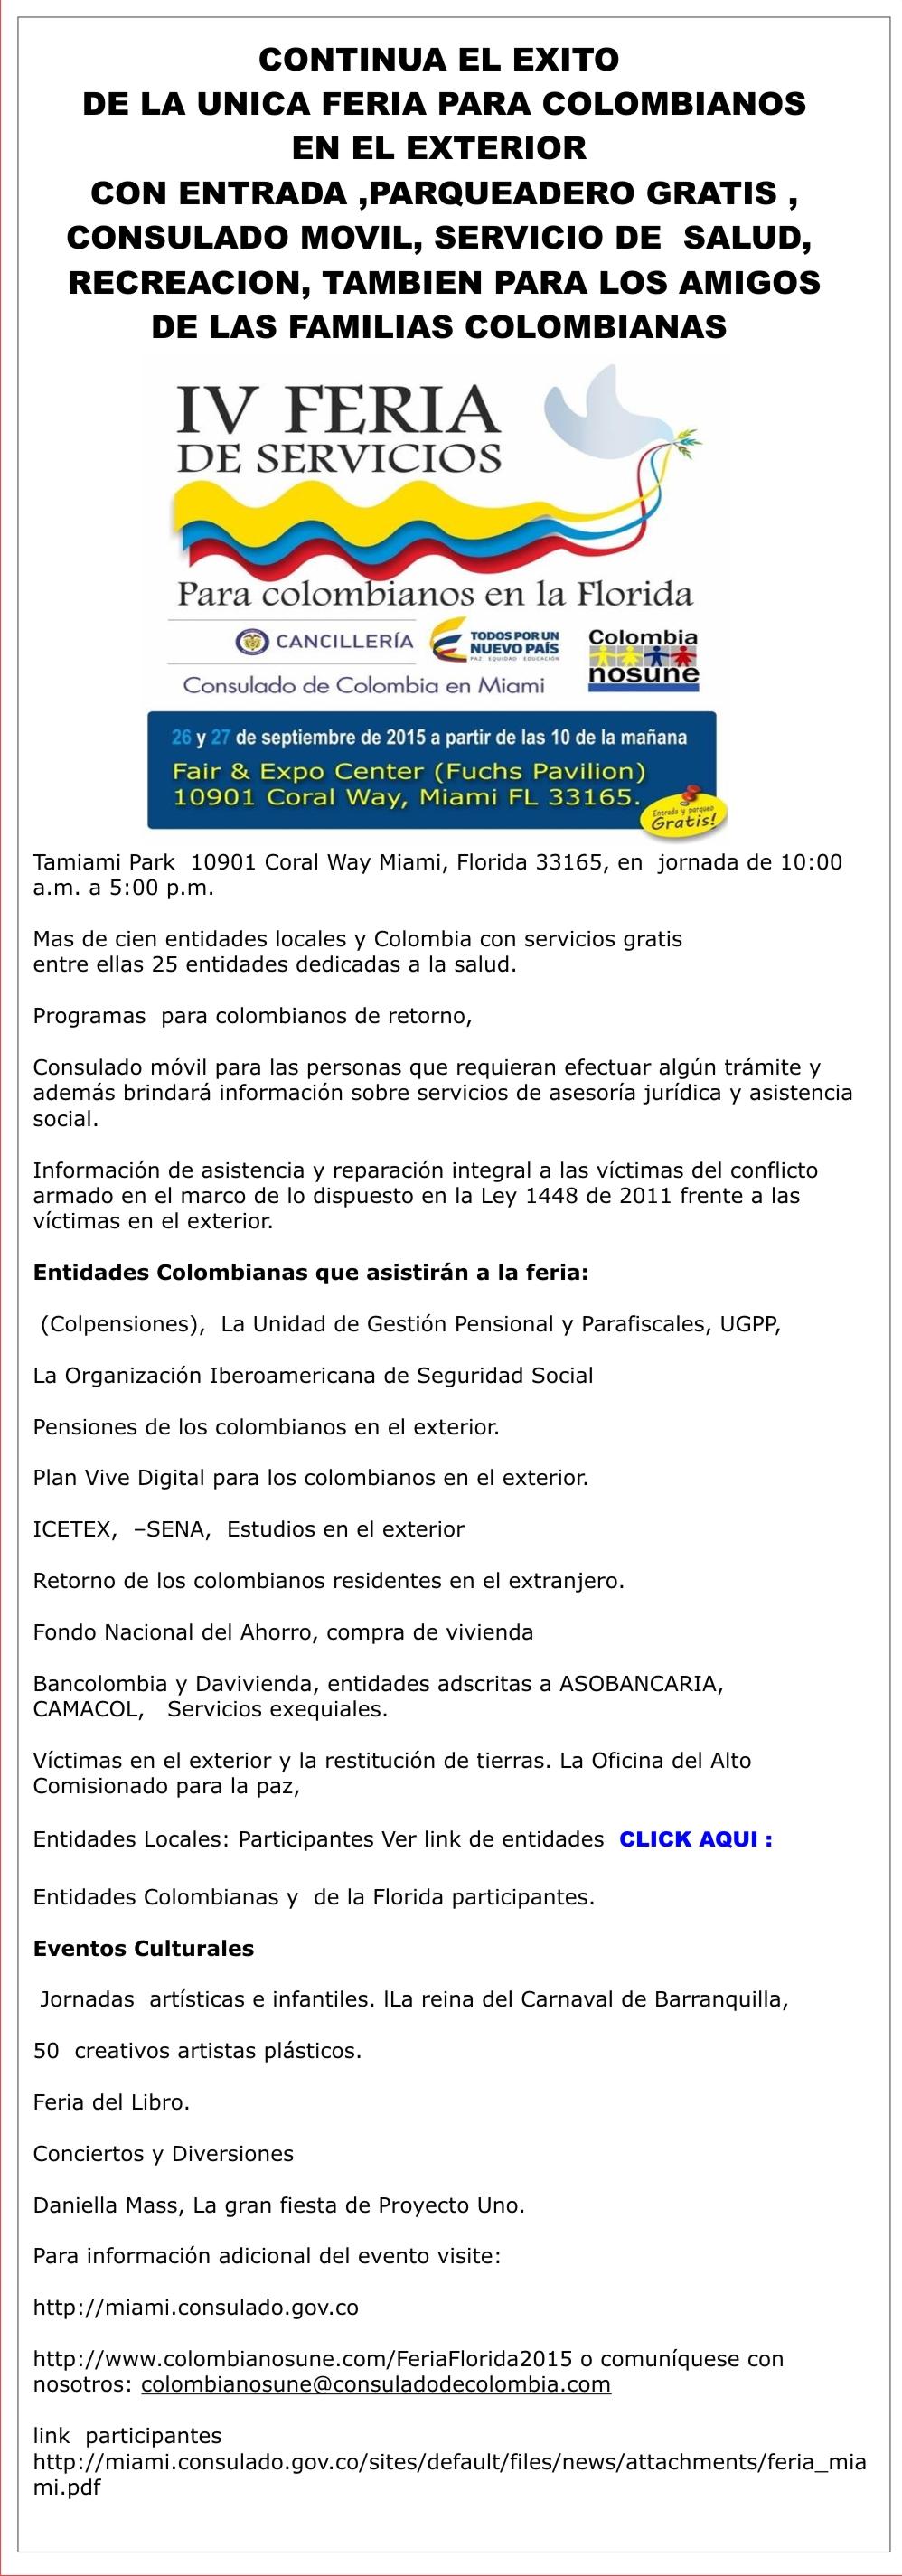 El notiloco de botero Colpensiones colombianos en el exterior